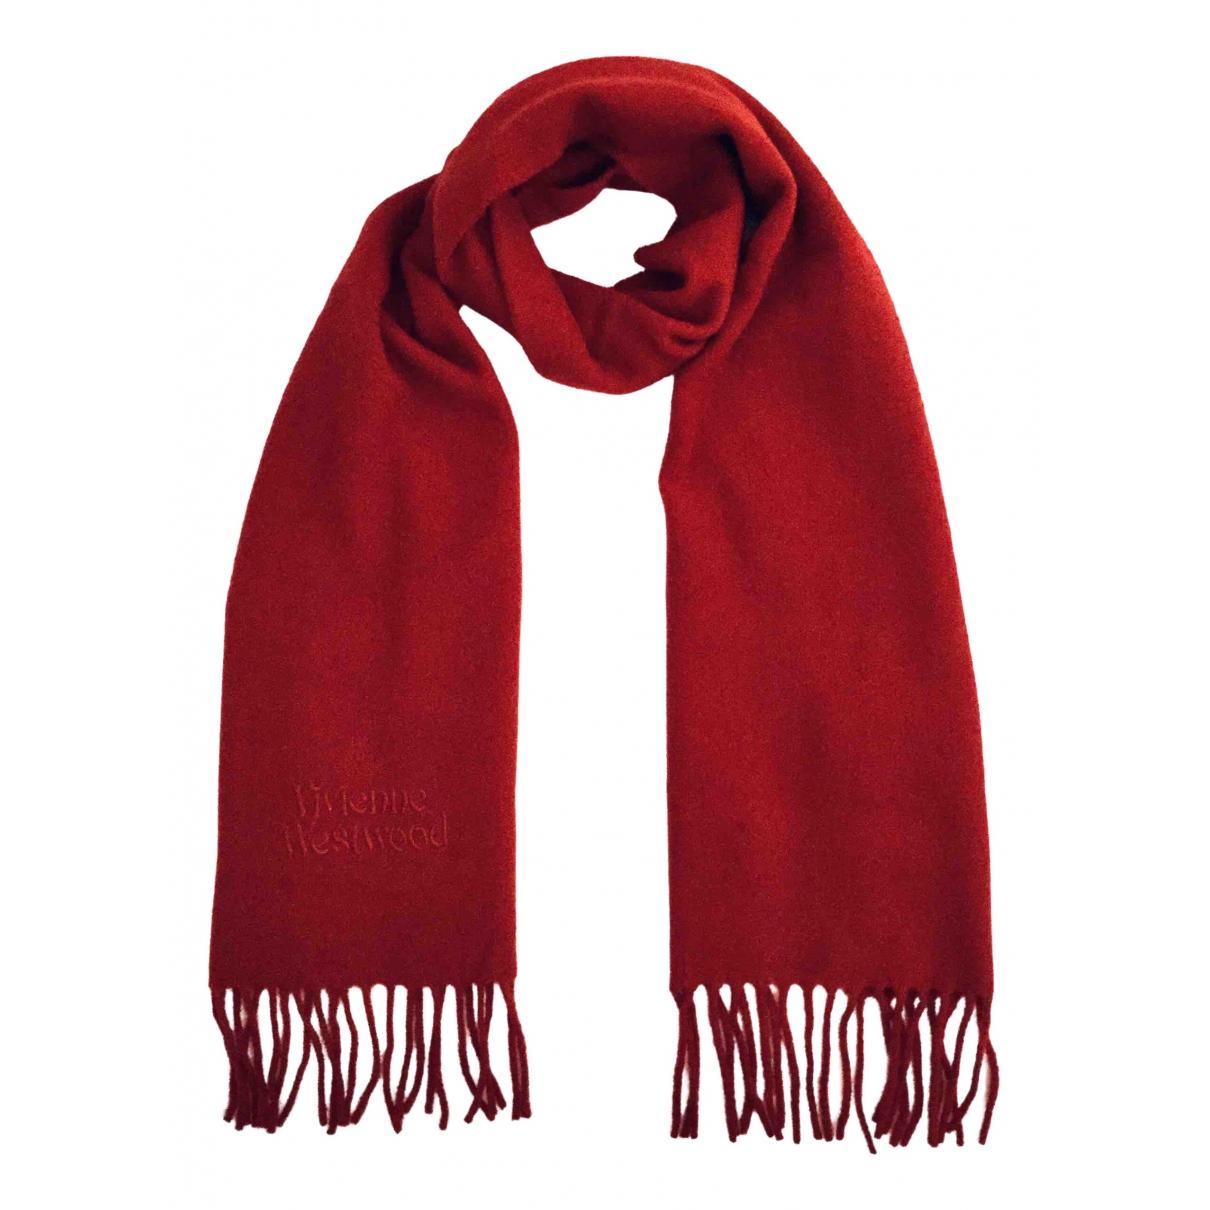 Vivienne Westwood - Foulard   pour femme en laine - rouge